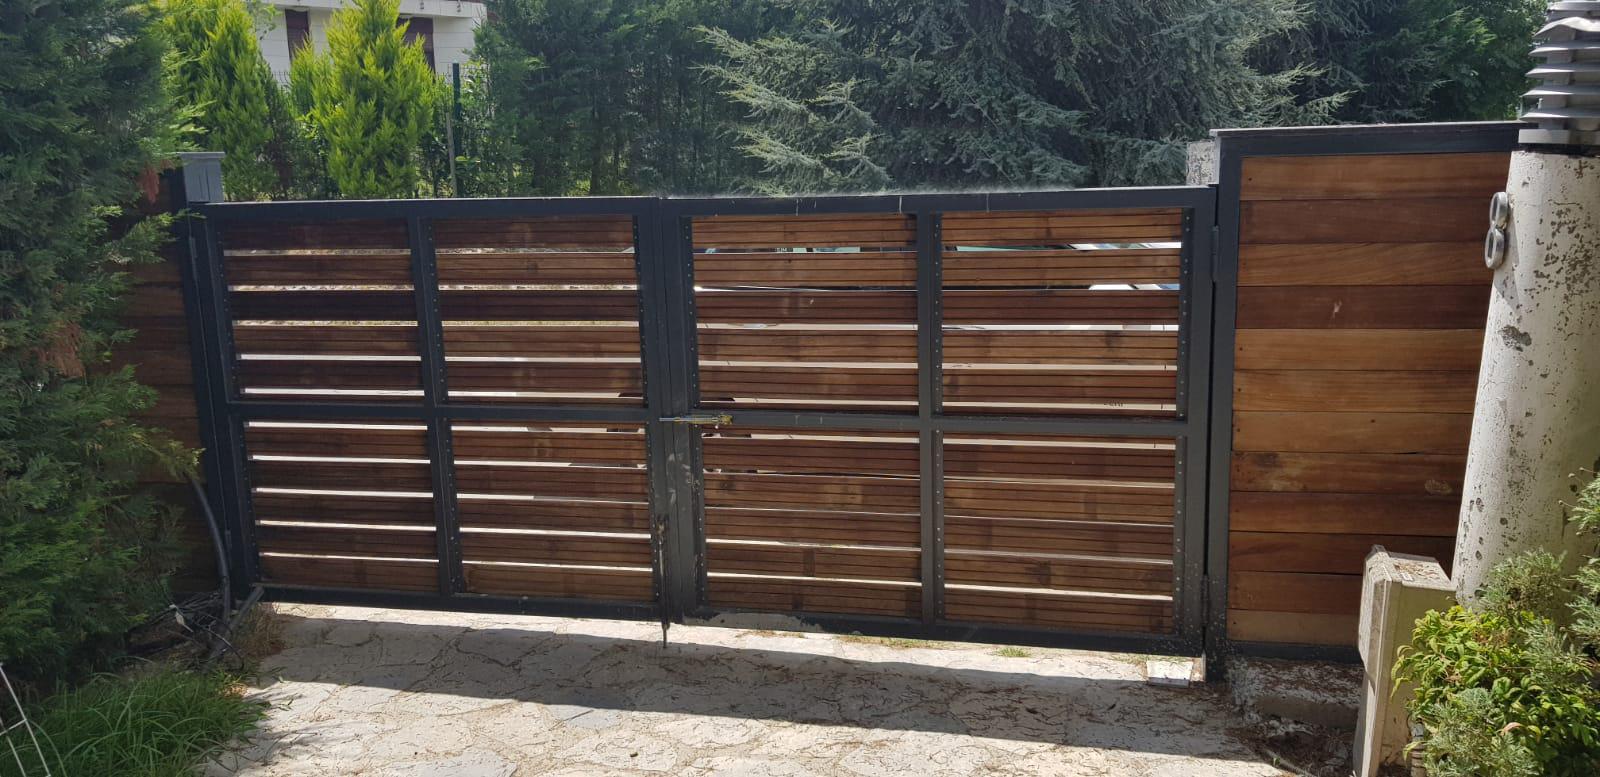 Sürgülü veya Sürgüsüz Bahçe Kapısı & Çiti